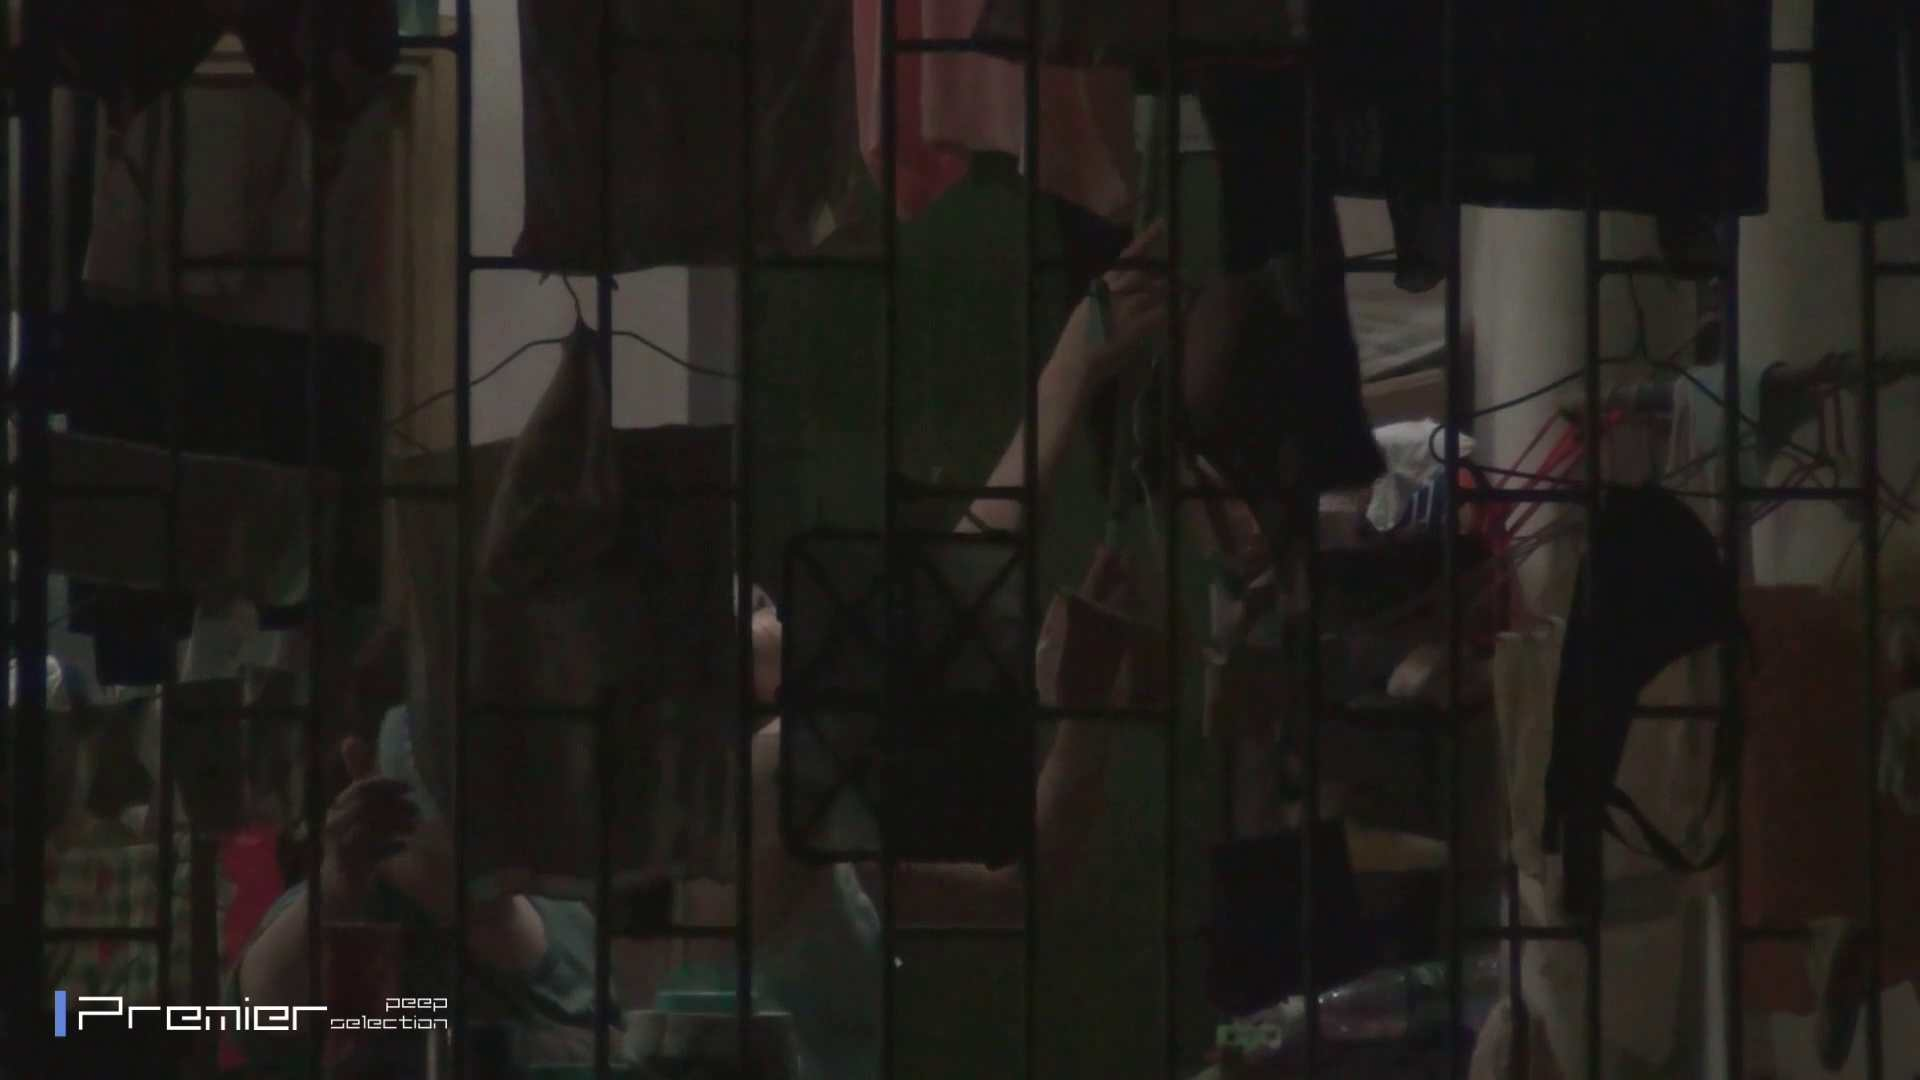 美女の痴態に密着!洗濯物を干す女 Vol.07 細身女性 オマンコ無修正動画無料 98画像 90